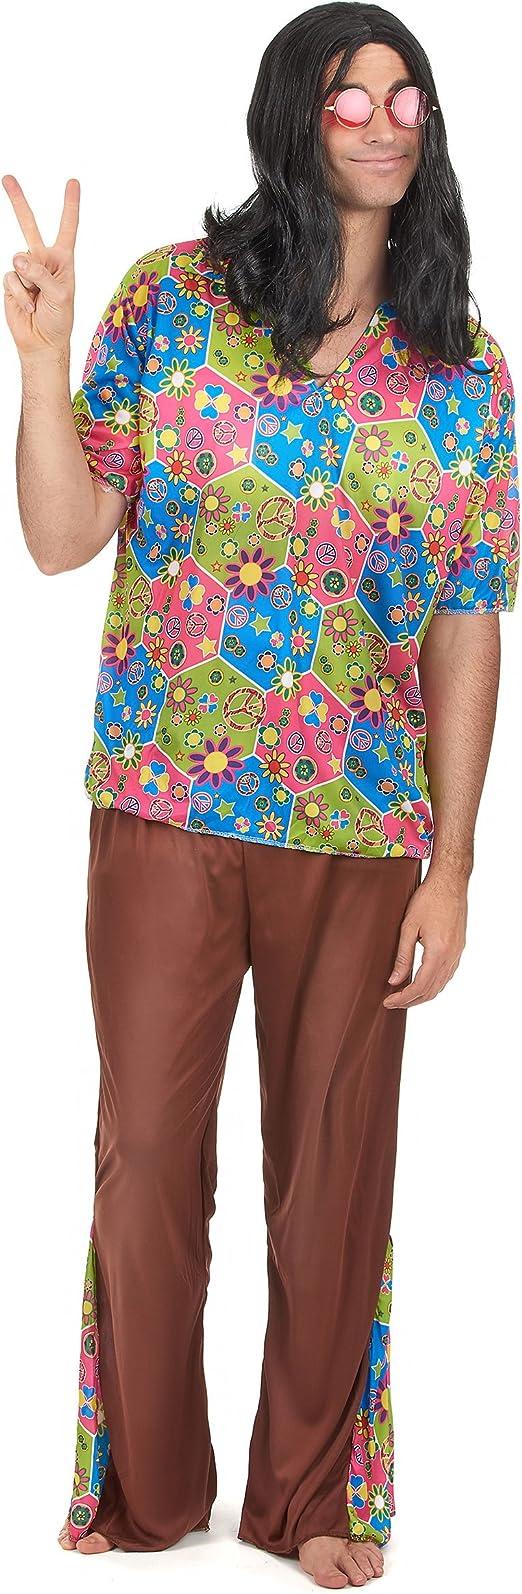 Disfraz de hippie hombre Única: Amazon.es: Juguetes y juegos